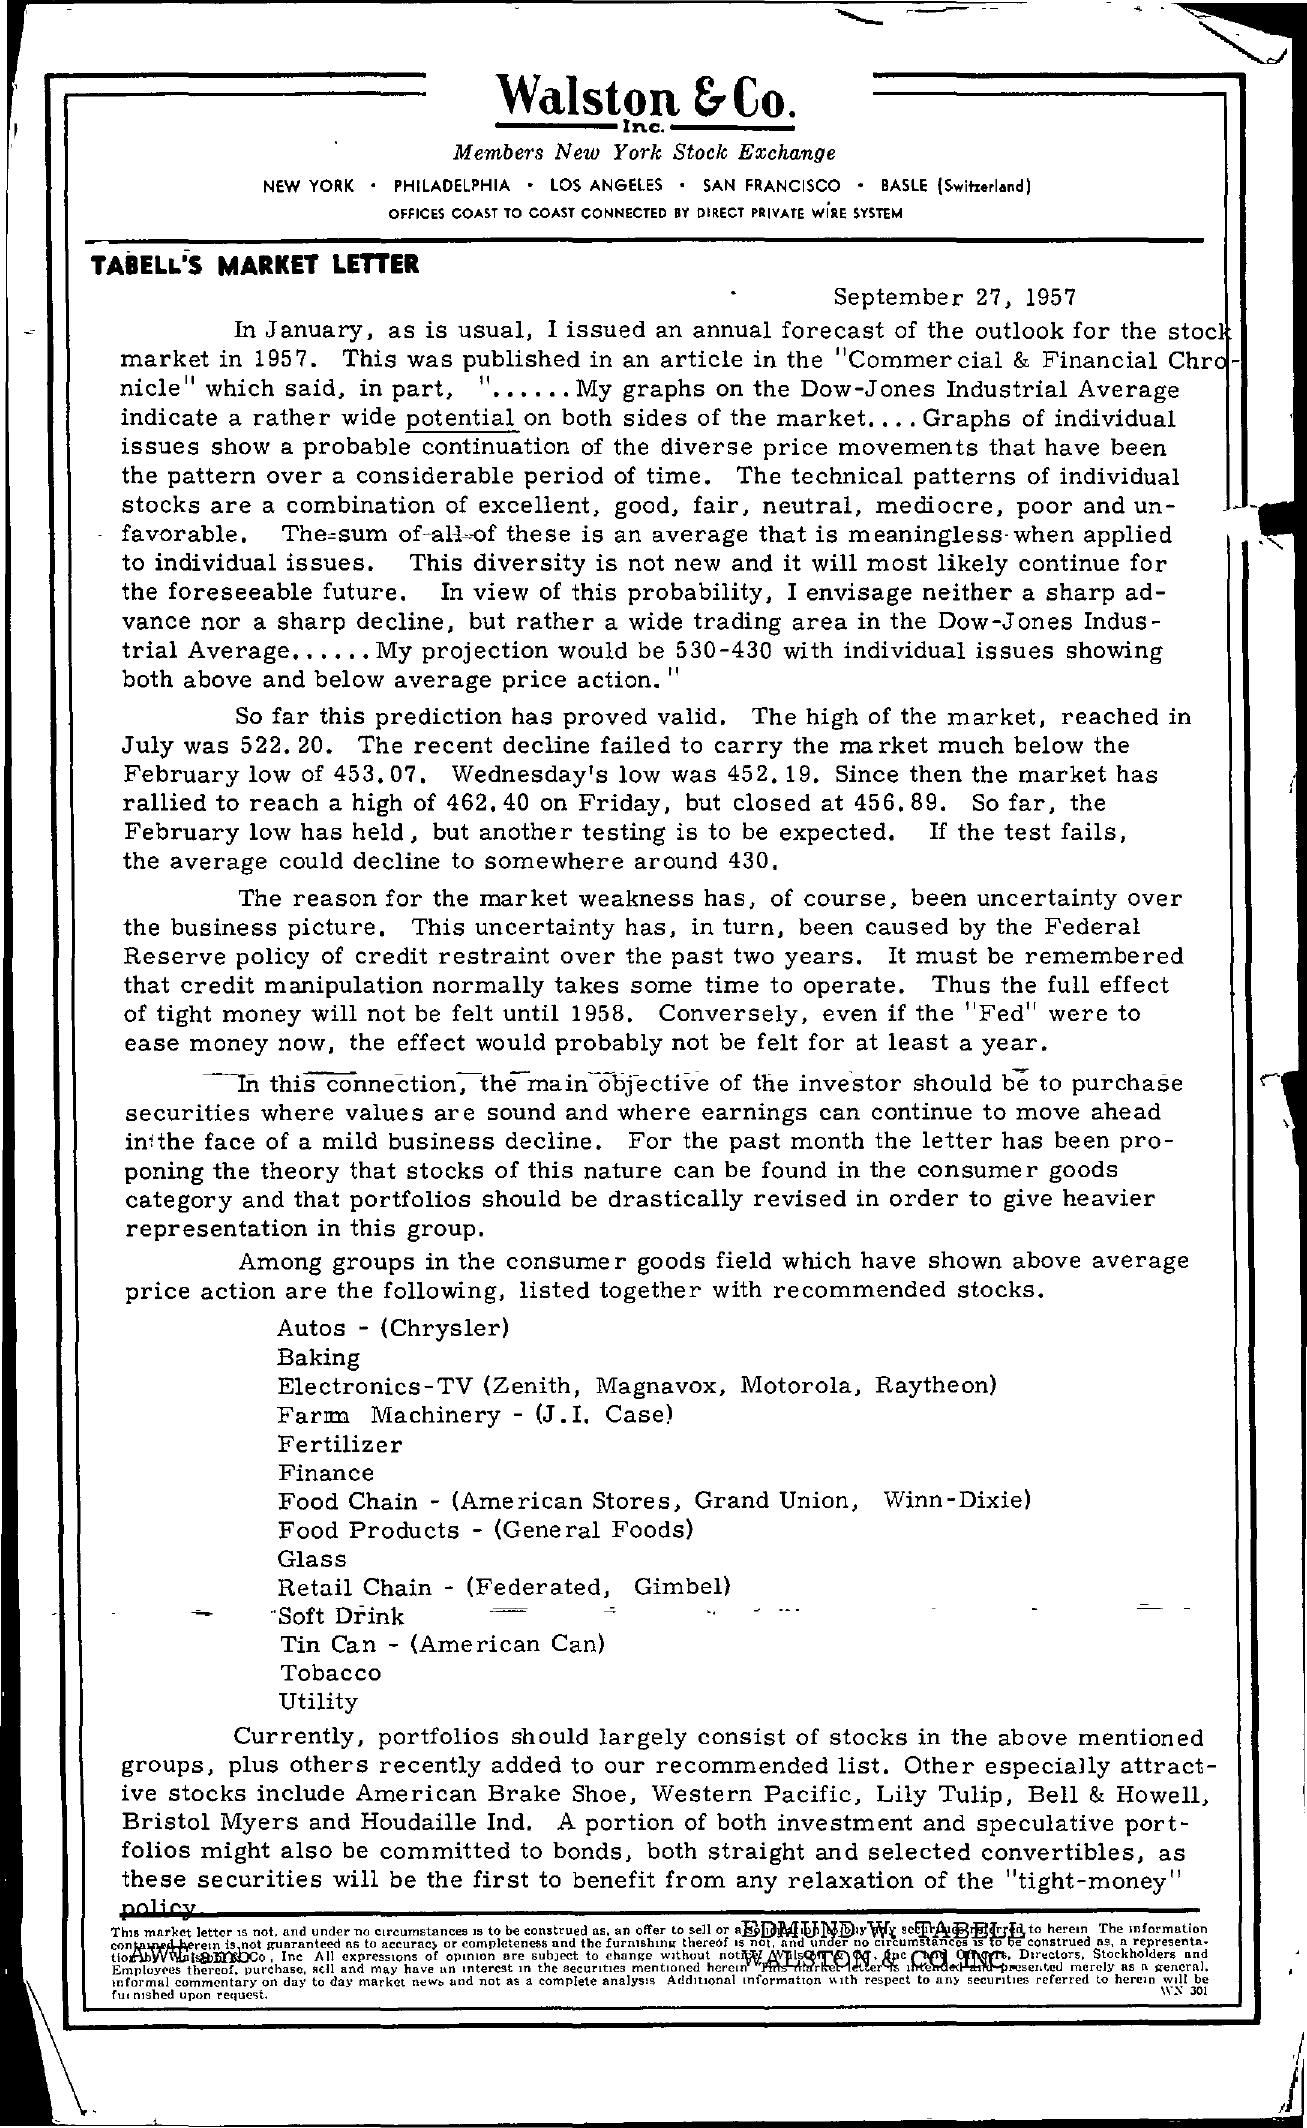 Tabell's Market Letter - September 27, 1957